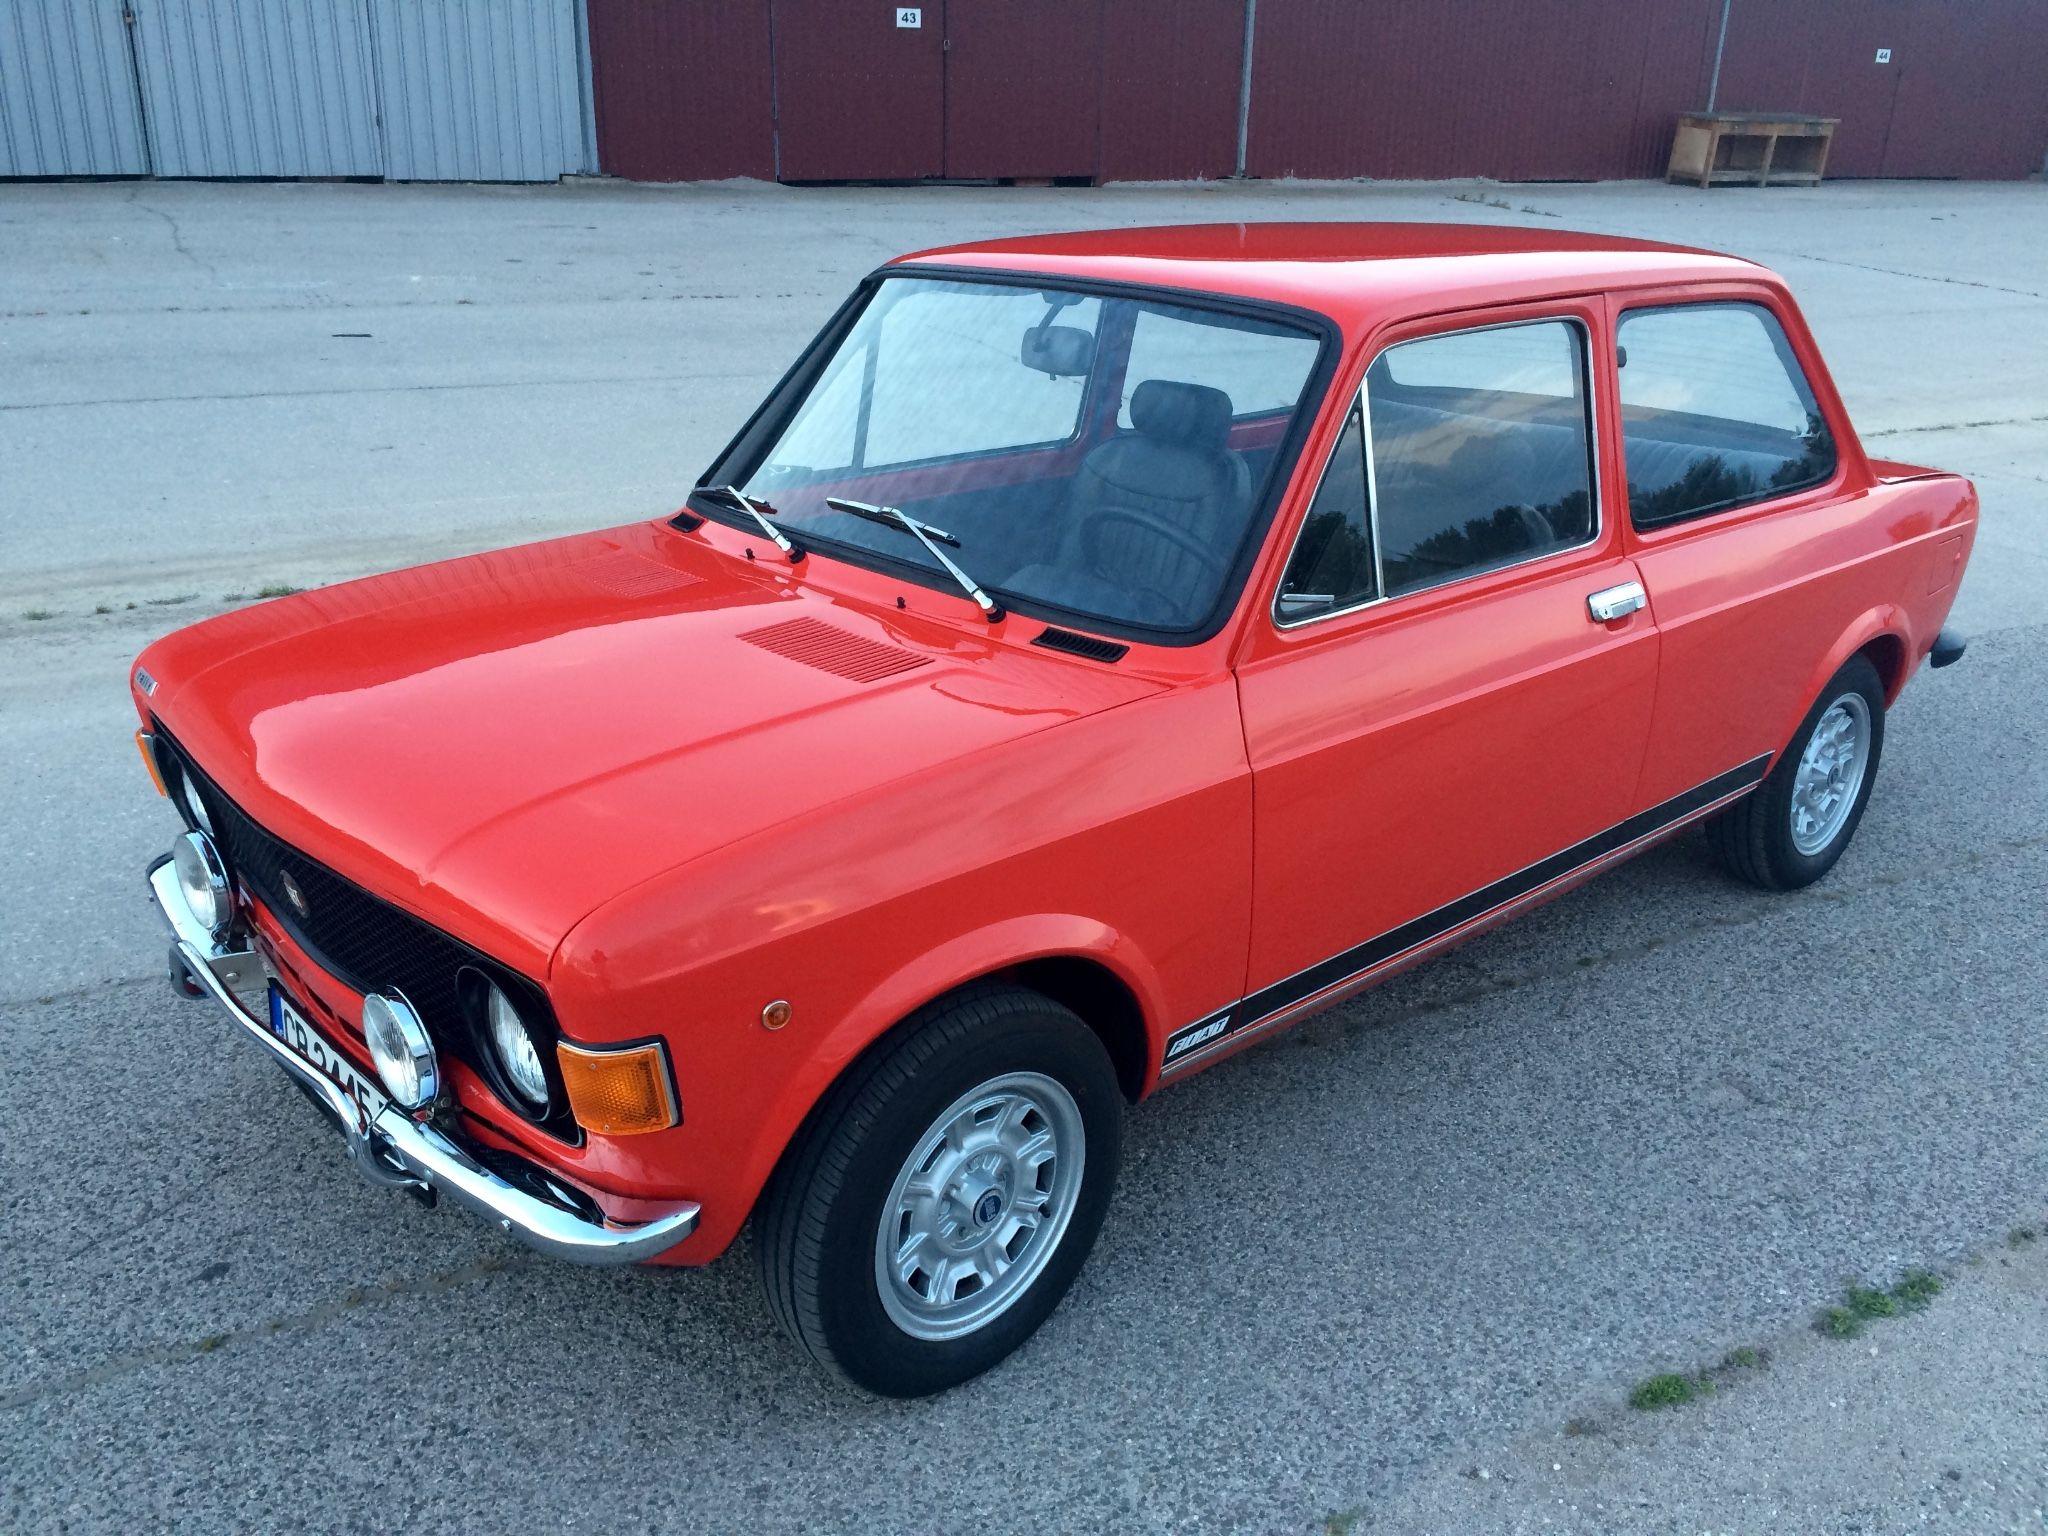 1973 Fiat 128 Rally Fiat 128 Fiat Cars Fiat